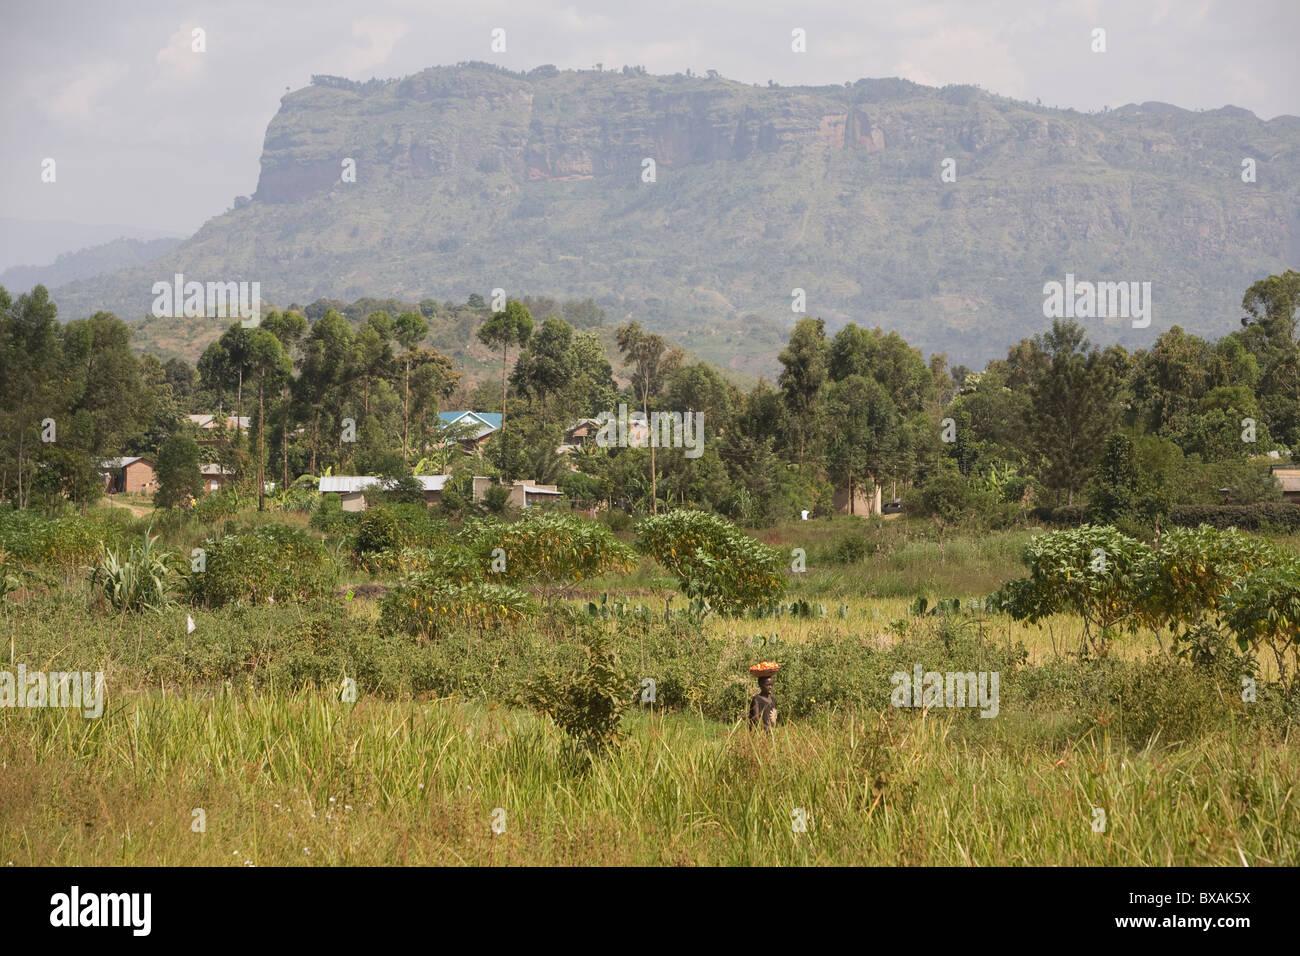 Wanale Ridge is a foothill of Mount Elgon, Mbale, Uganda, East Africa. - Stock Image